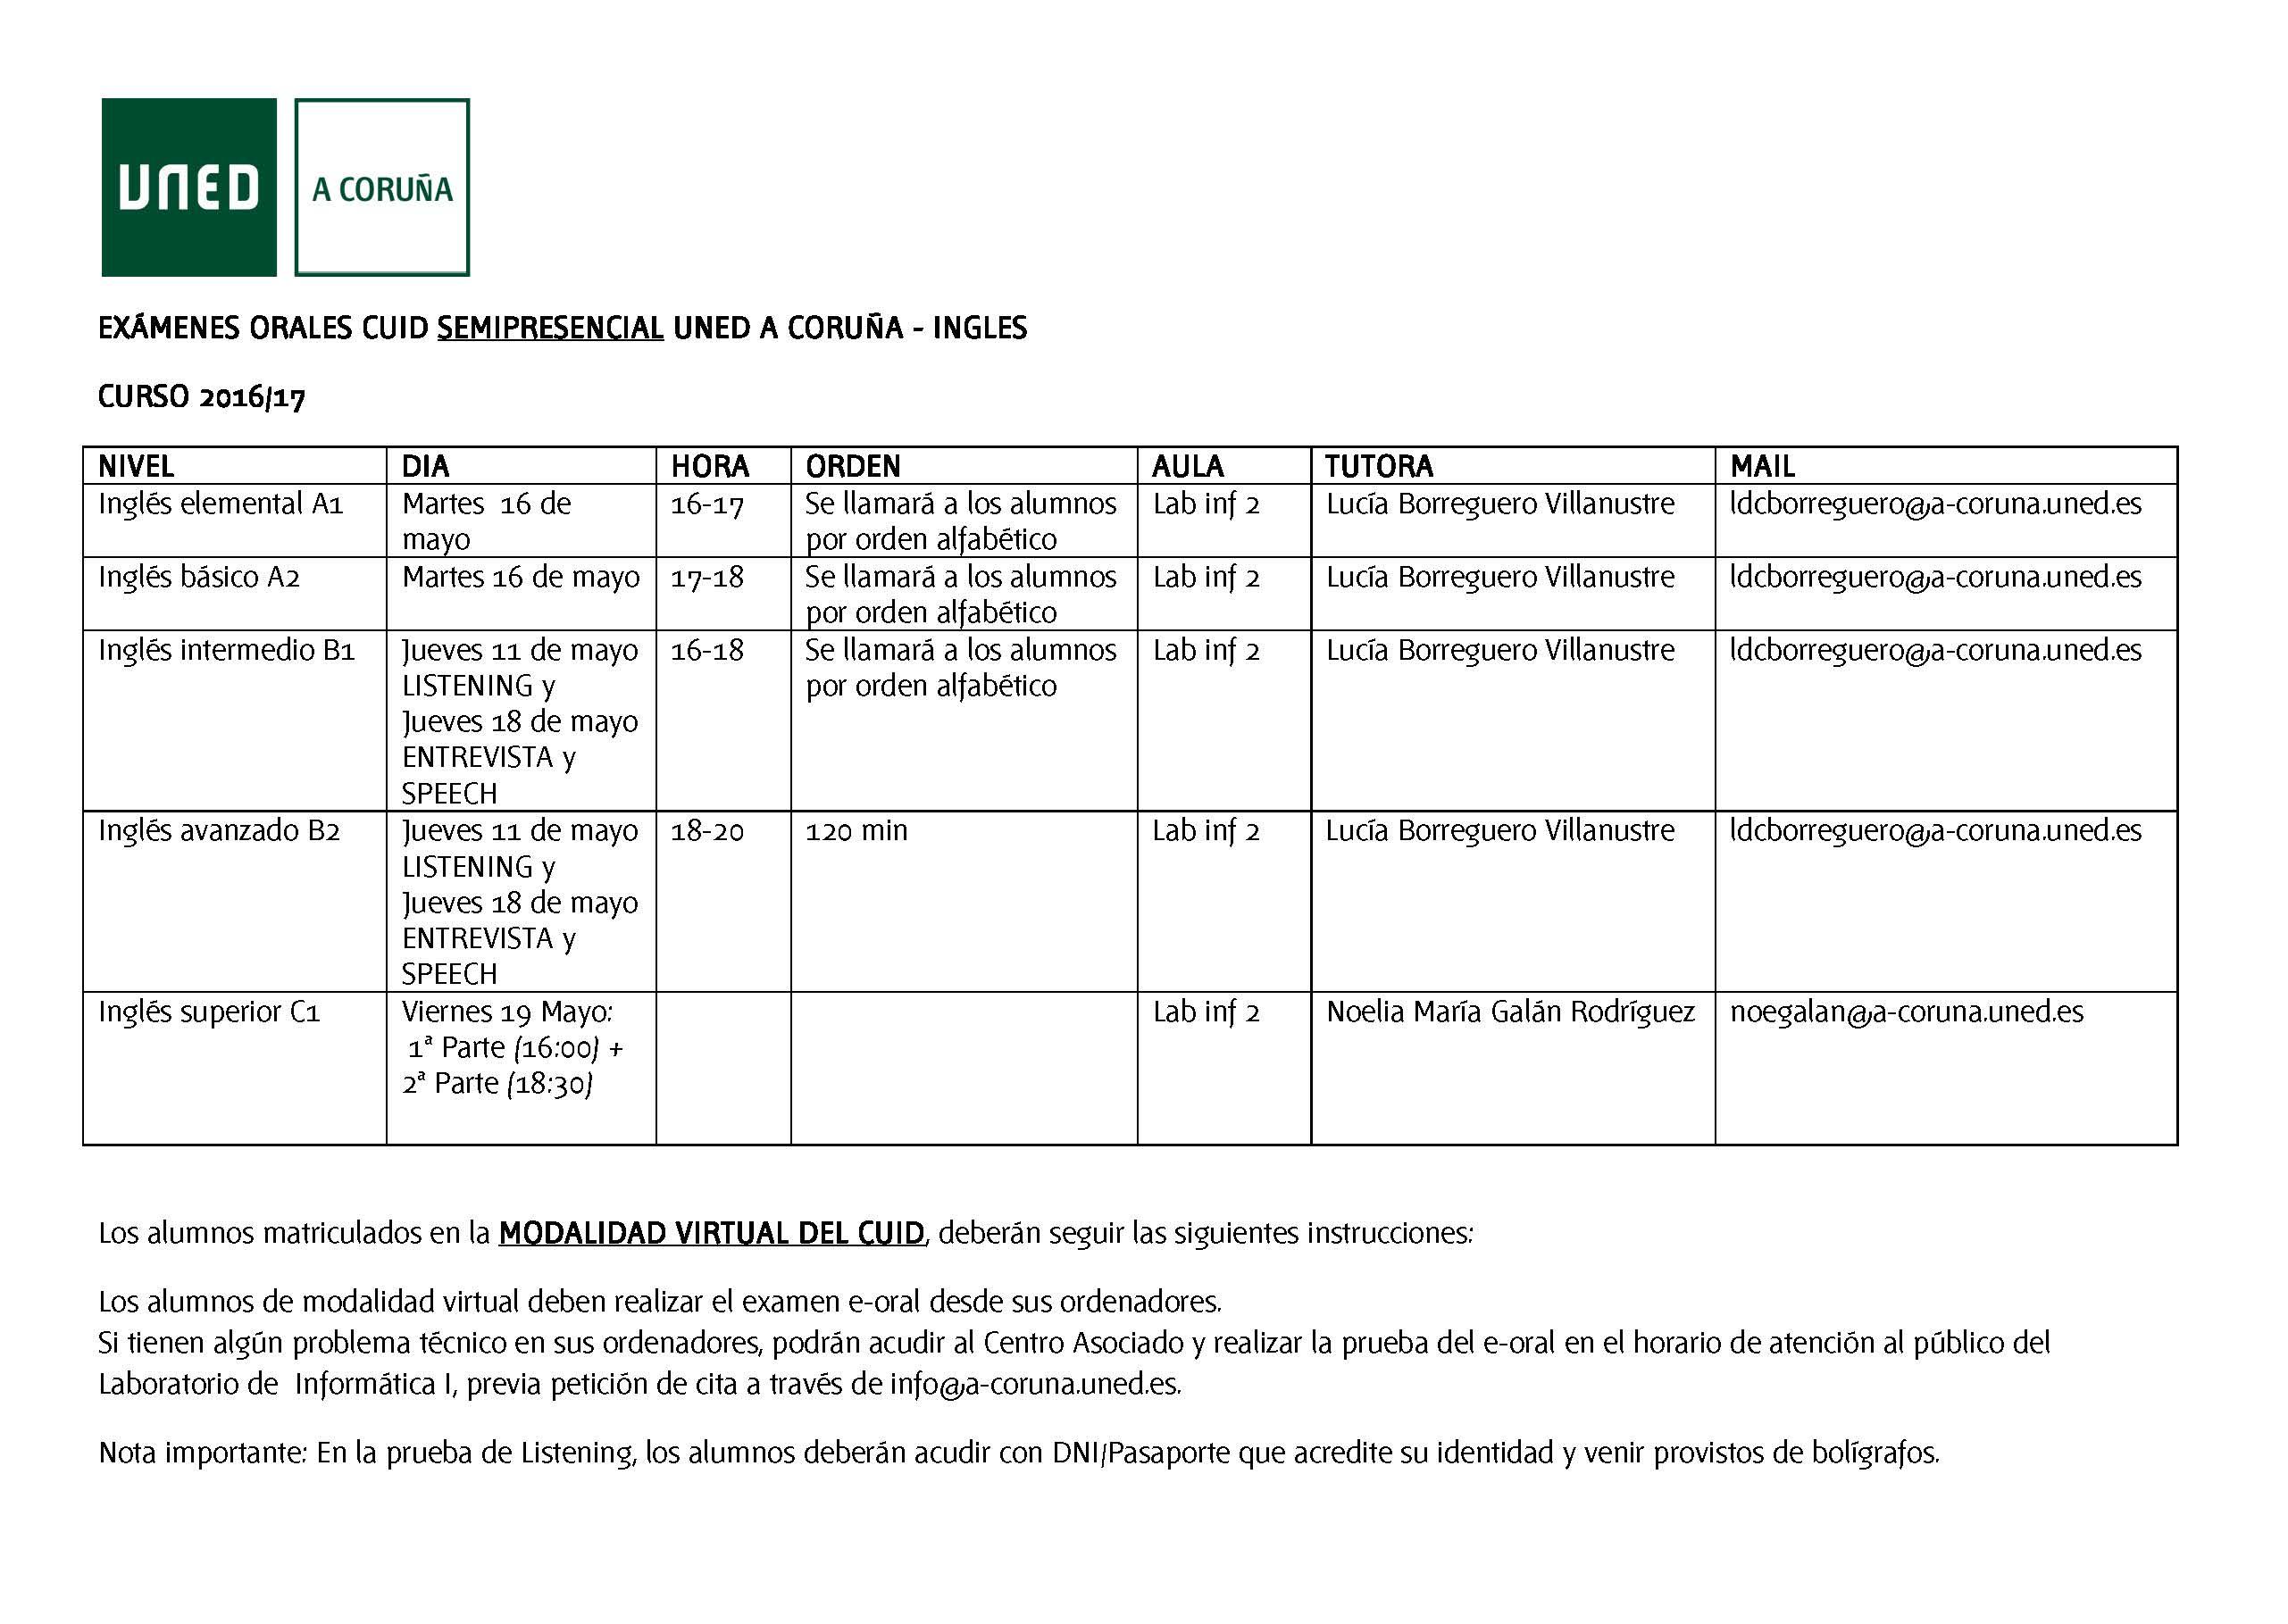 Uned Calendario Examenes.Calendario De Examenes Orales Cuid